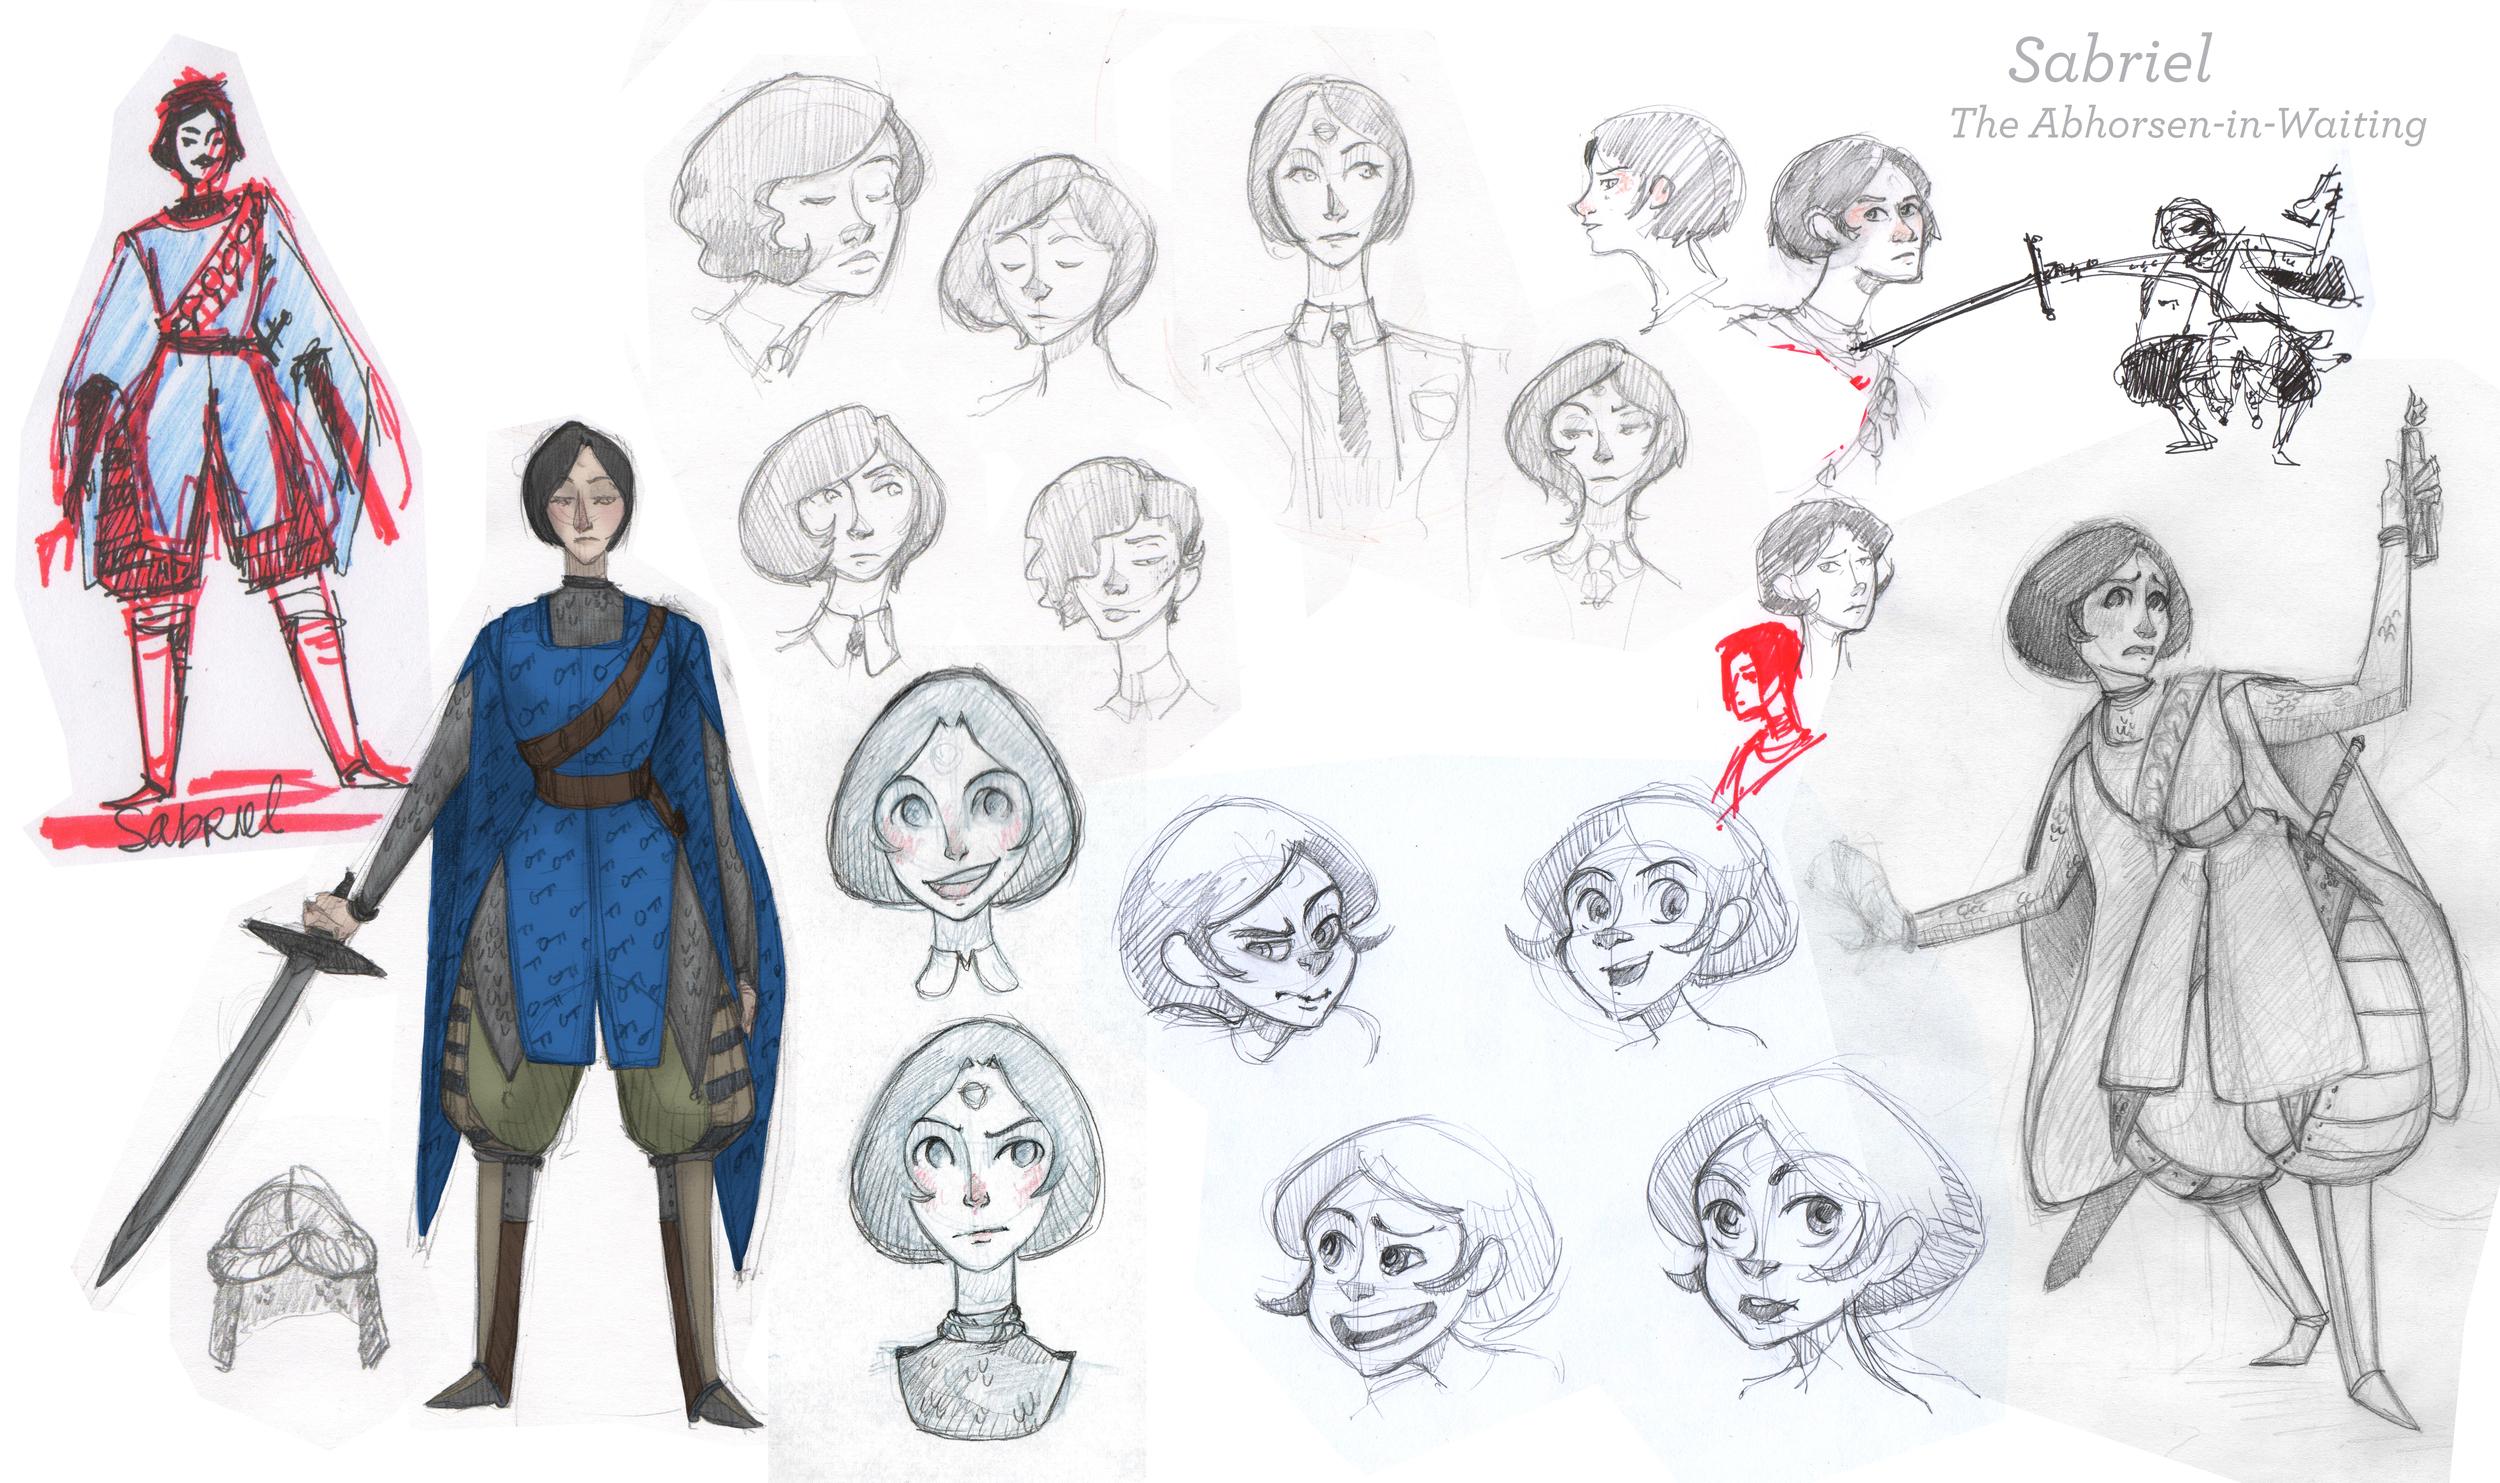 sabriel_group_Sketches2.jpg